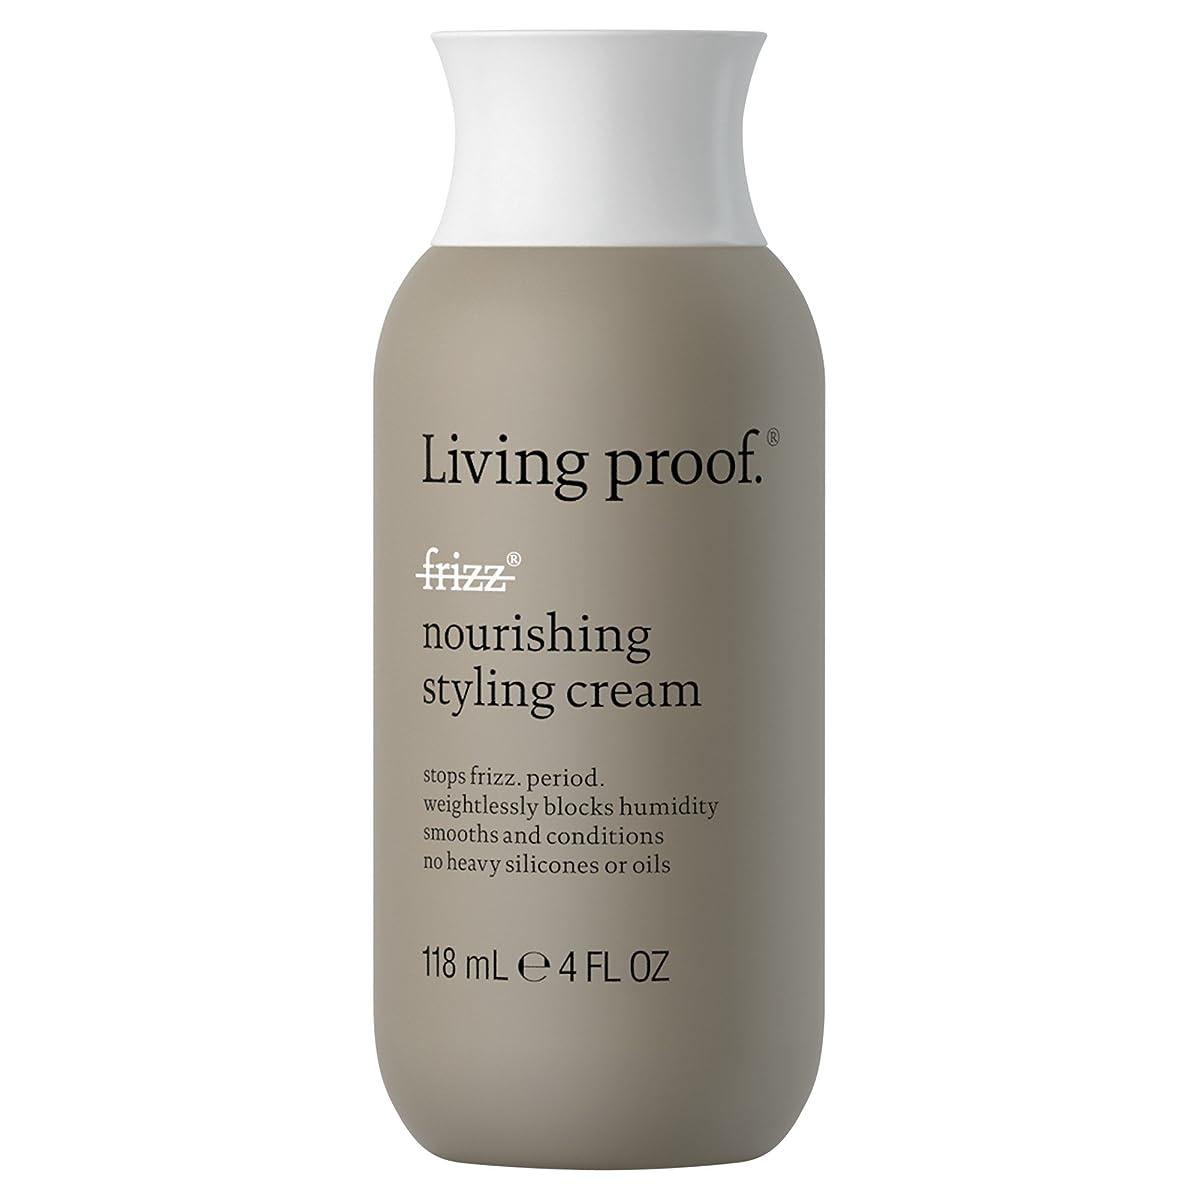 戻る断線改修する生きている証拠なし縮れ栄養スタイリングクリーム118ミリリットル (Living Proof) - Living Proof No Frizz Nourishing Styling Cream 118ml [並行輸入品]